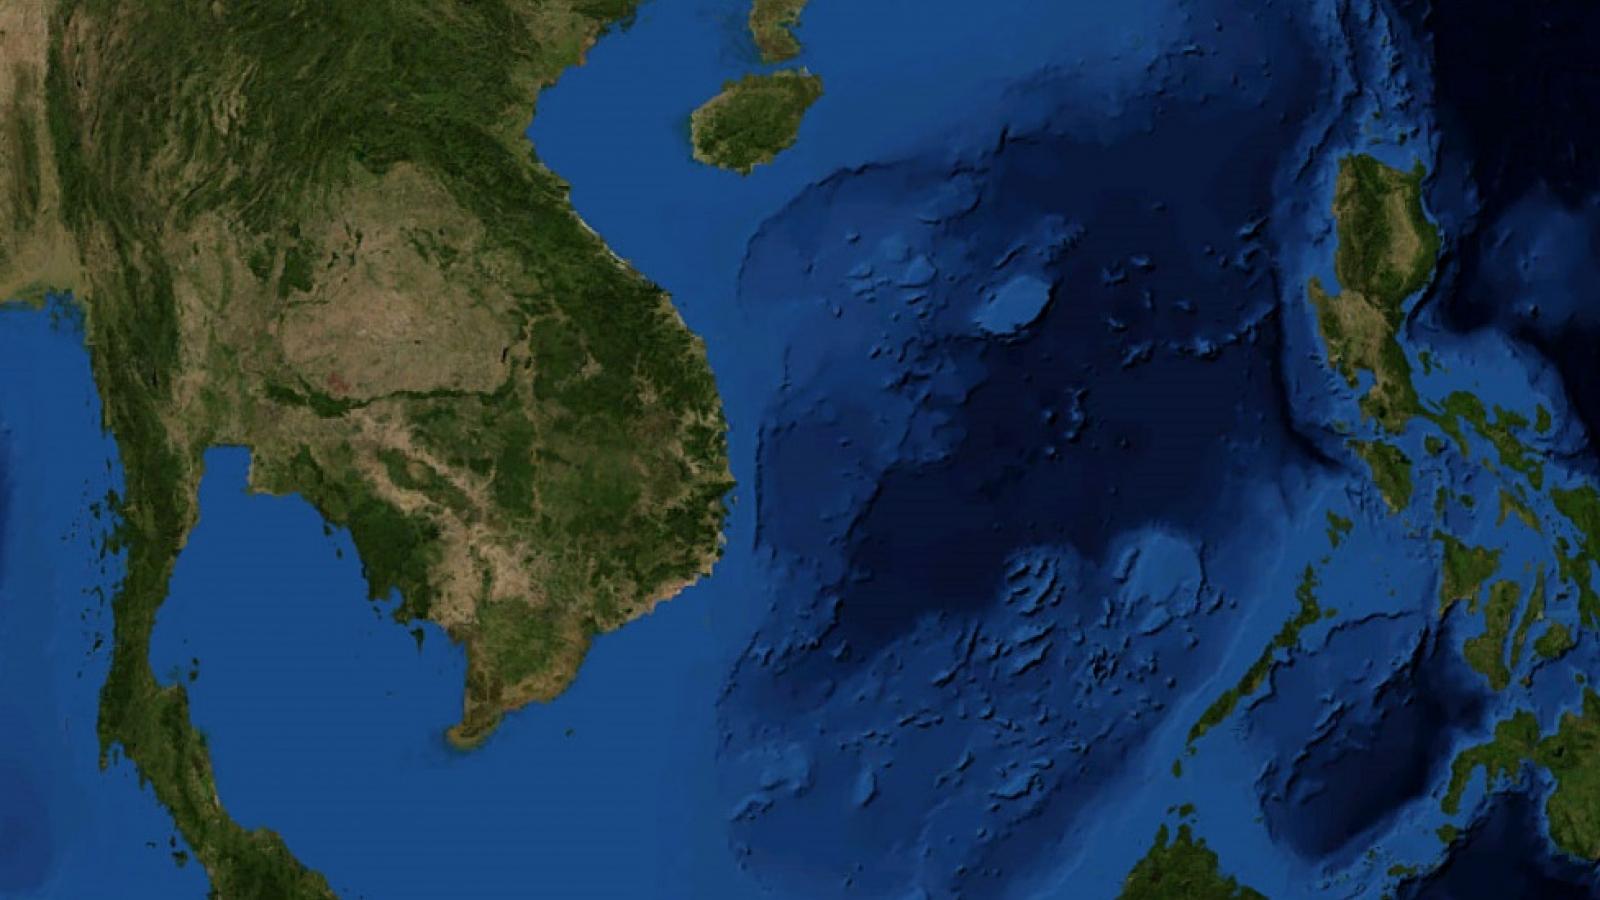 Hé lộ thêm nguyên nhân sâu xa khiến Trung Quốc muốn độc chiếm Biển Đông